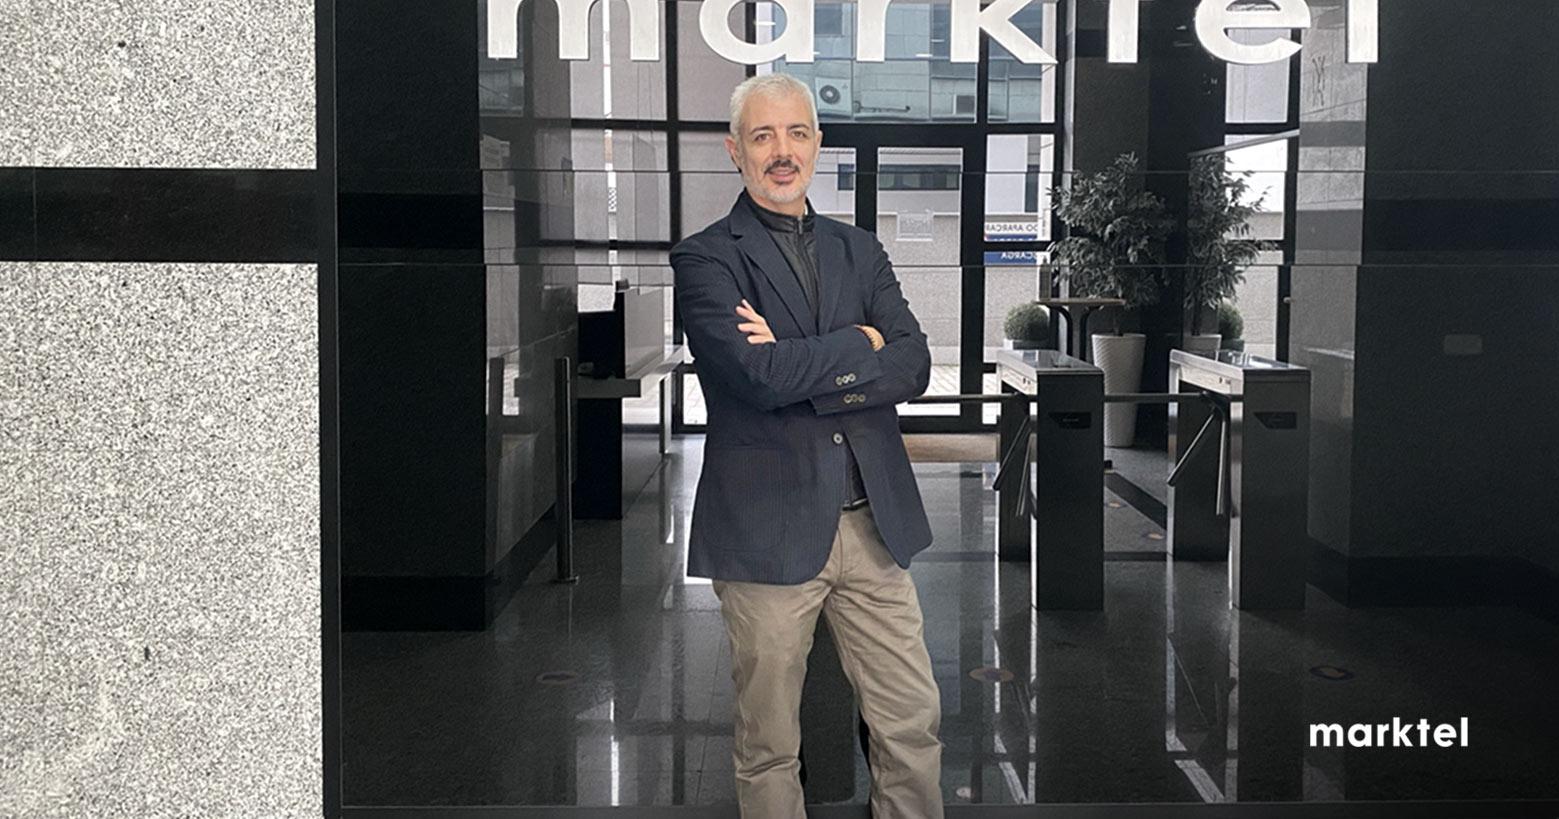 RobertoRobles, Soluciones de Negocio y Tecnología Corporativa. Marktel